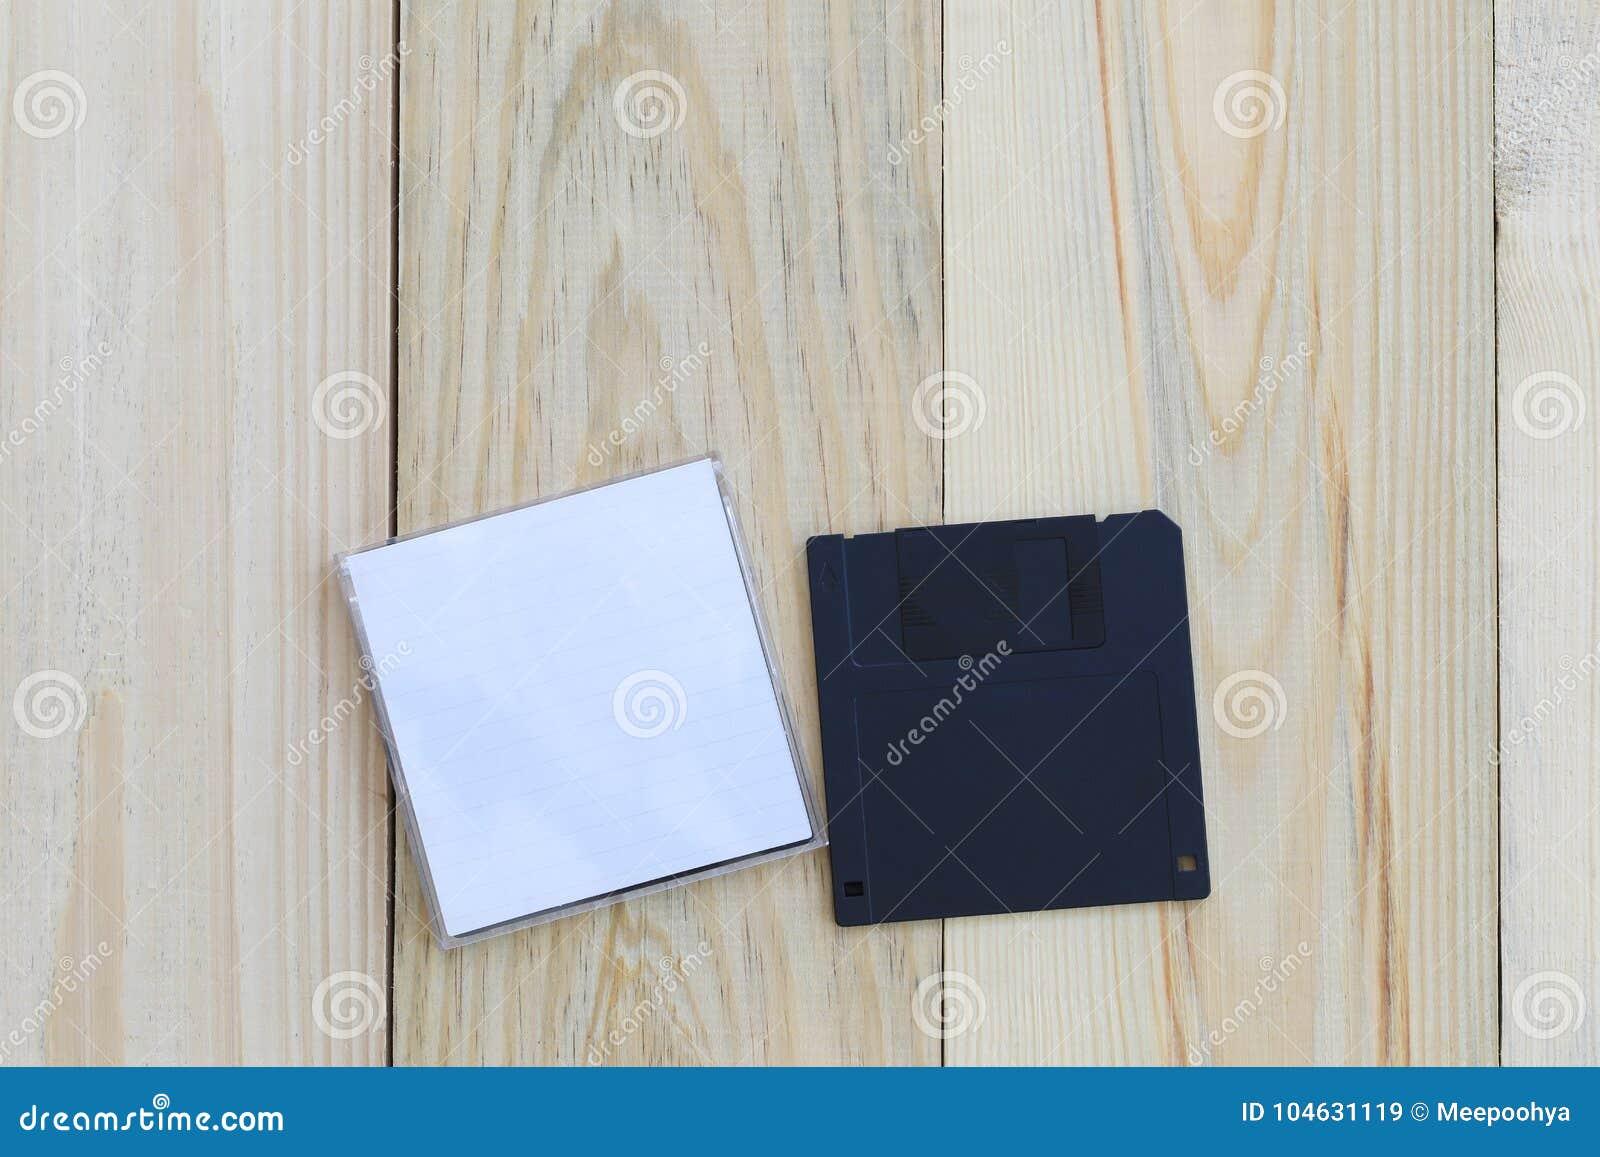 Download Diskette Op Houten Vloerachtergrond Stock Afbeelding - Afbeelding bestaande uit verouderd, ontwerp: 104631119